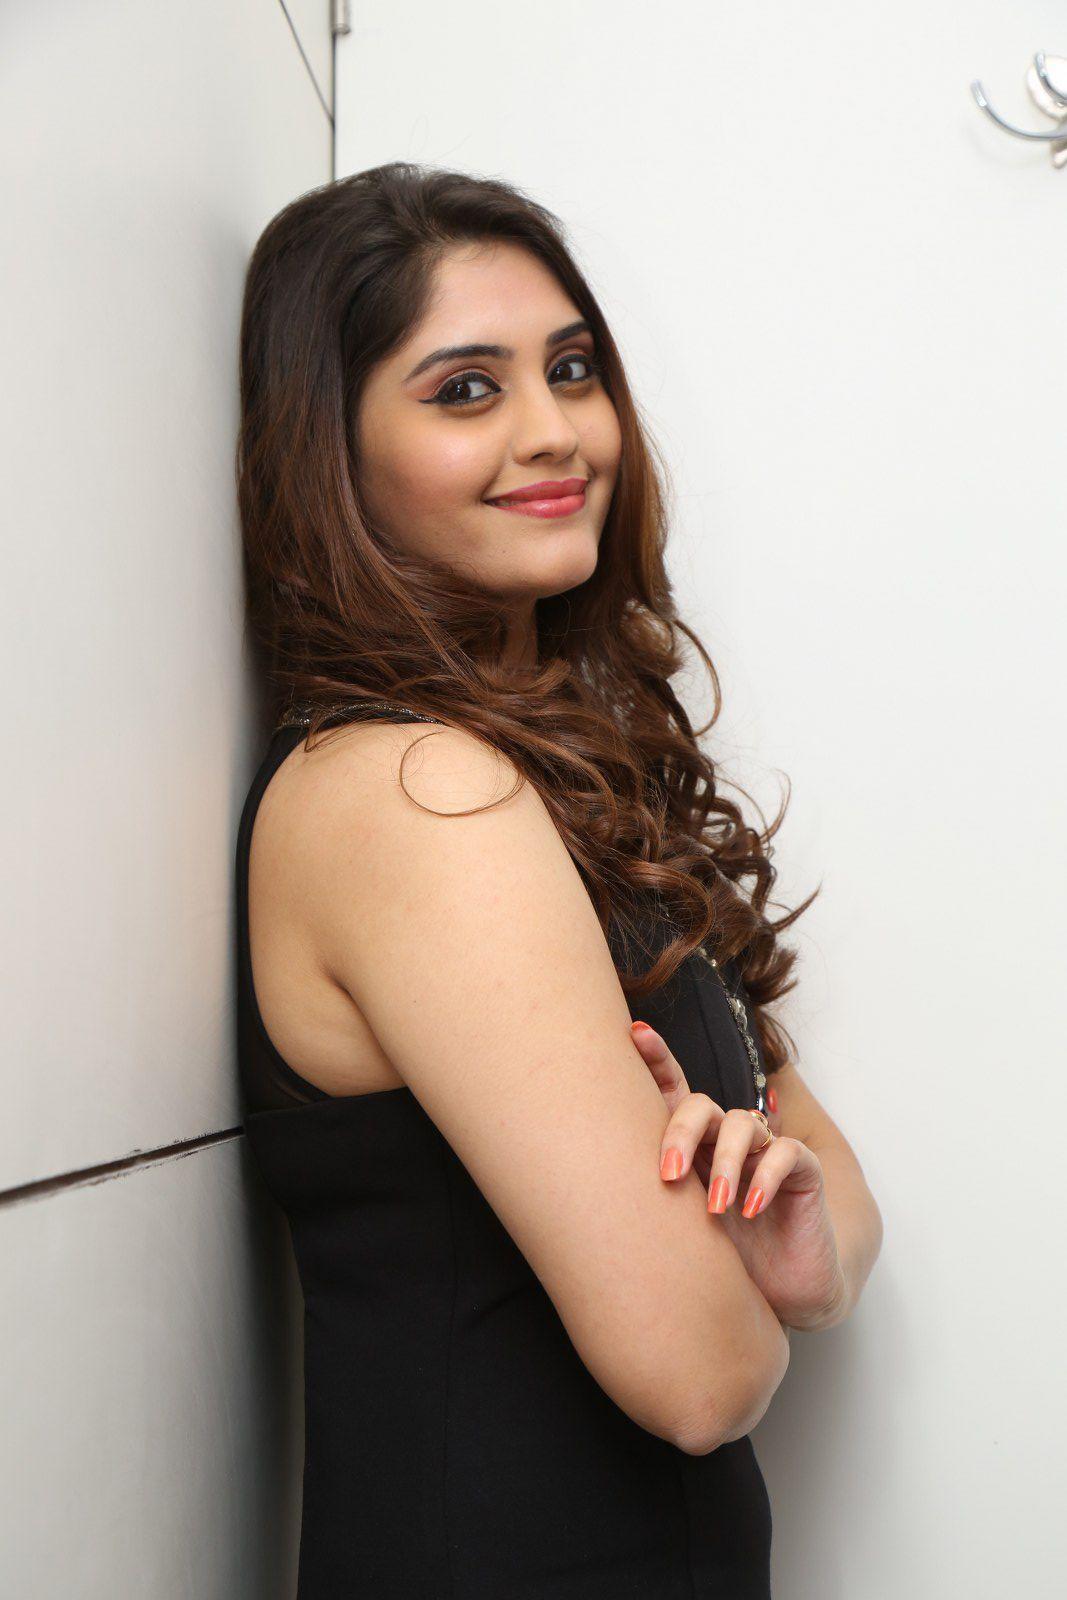 Surabhi Hot Smiling Big Teeth Face Stills